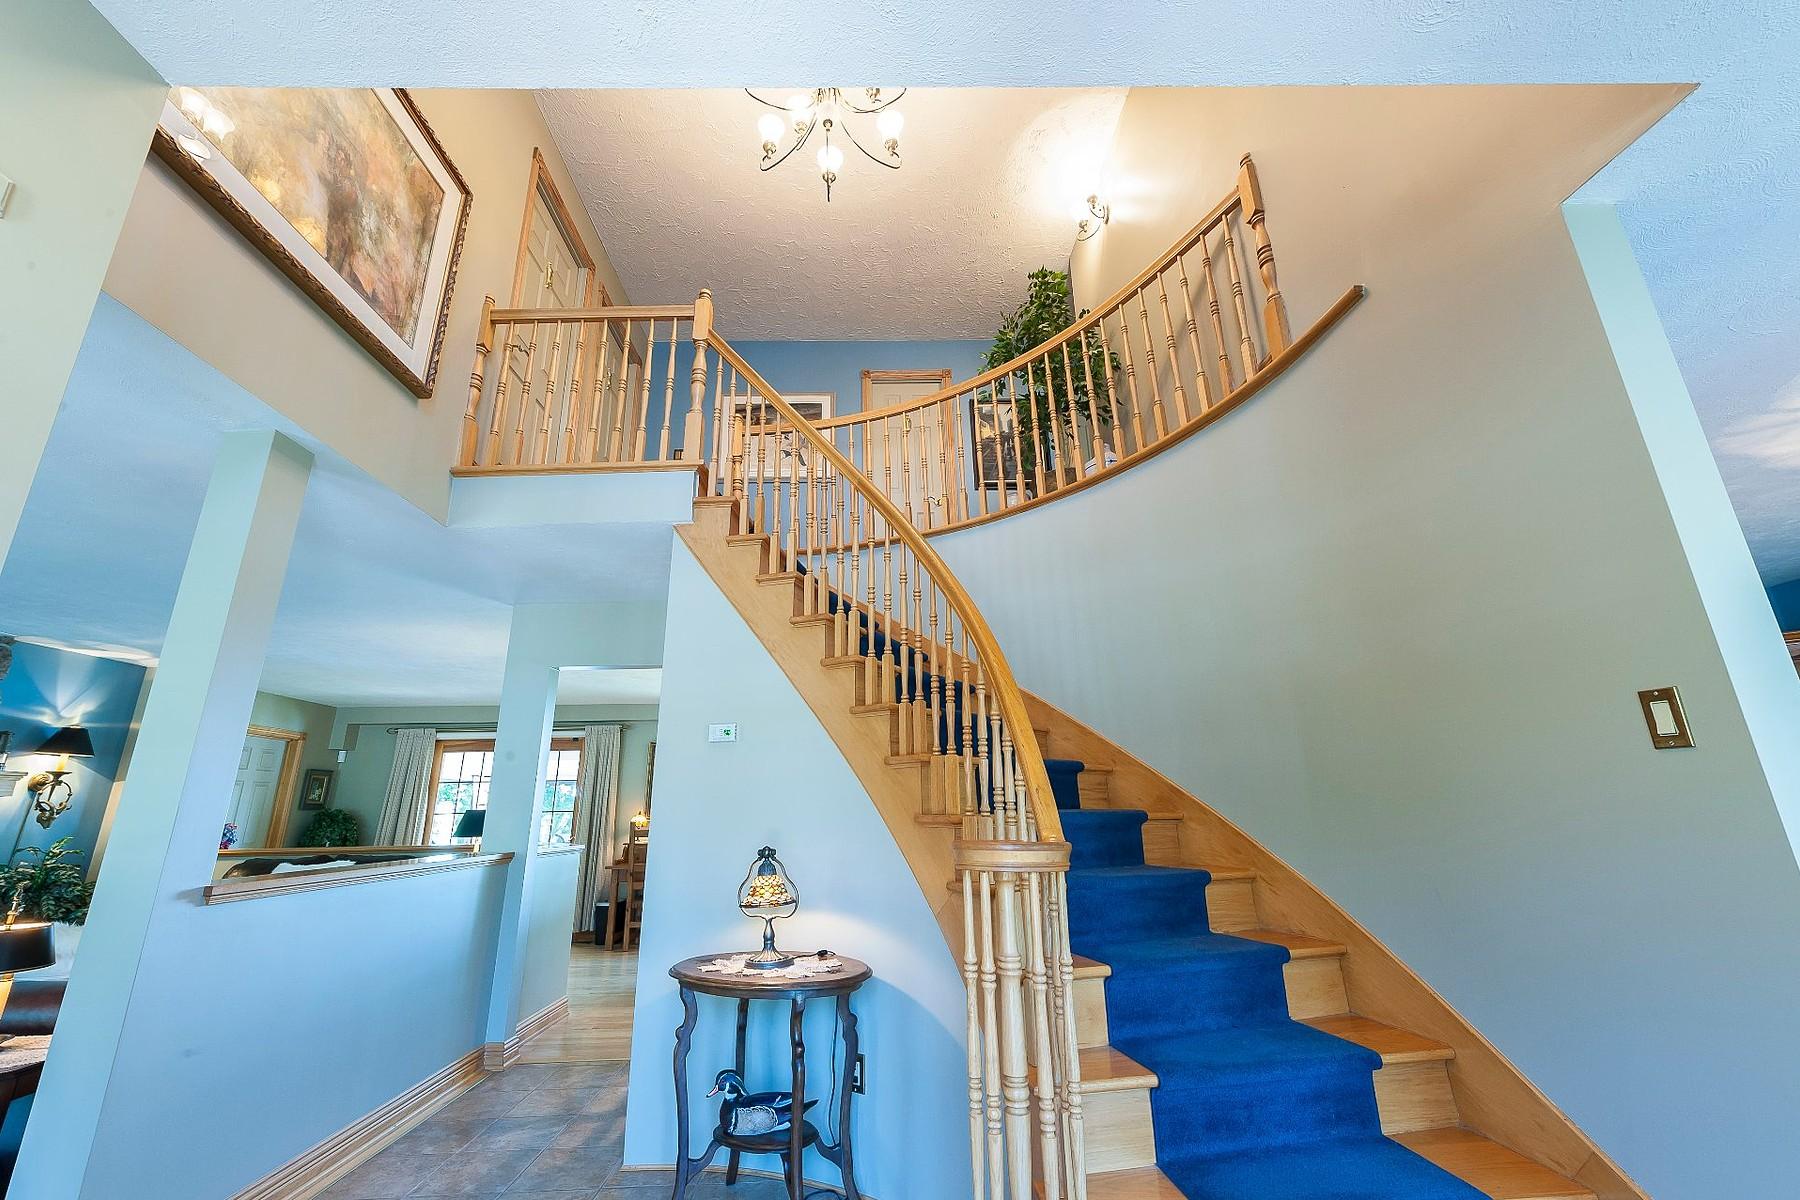 Additional photo for property listing at Mont-Saint-Hilaire, Montérégie 1343 Ch. des Patriotes N. Mont-Saint-Hilaire, Quebec J3G4S6 Canada